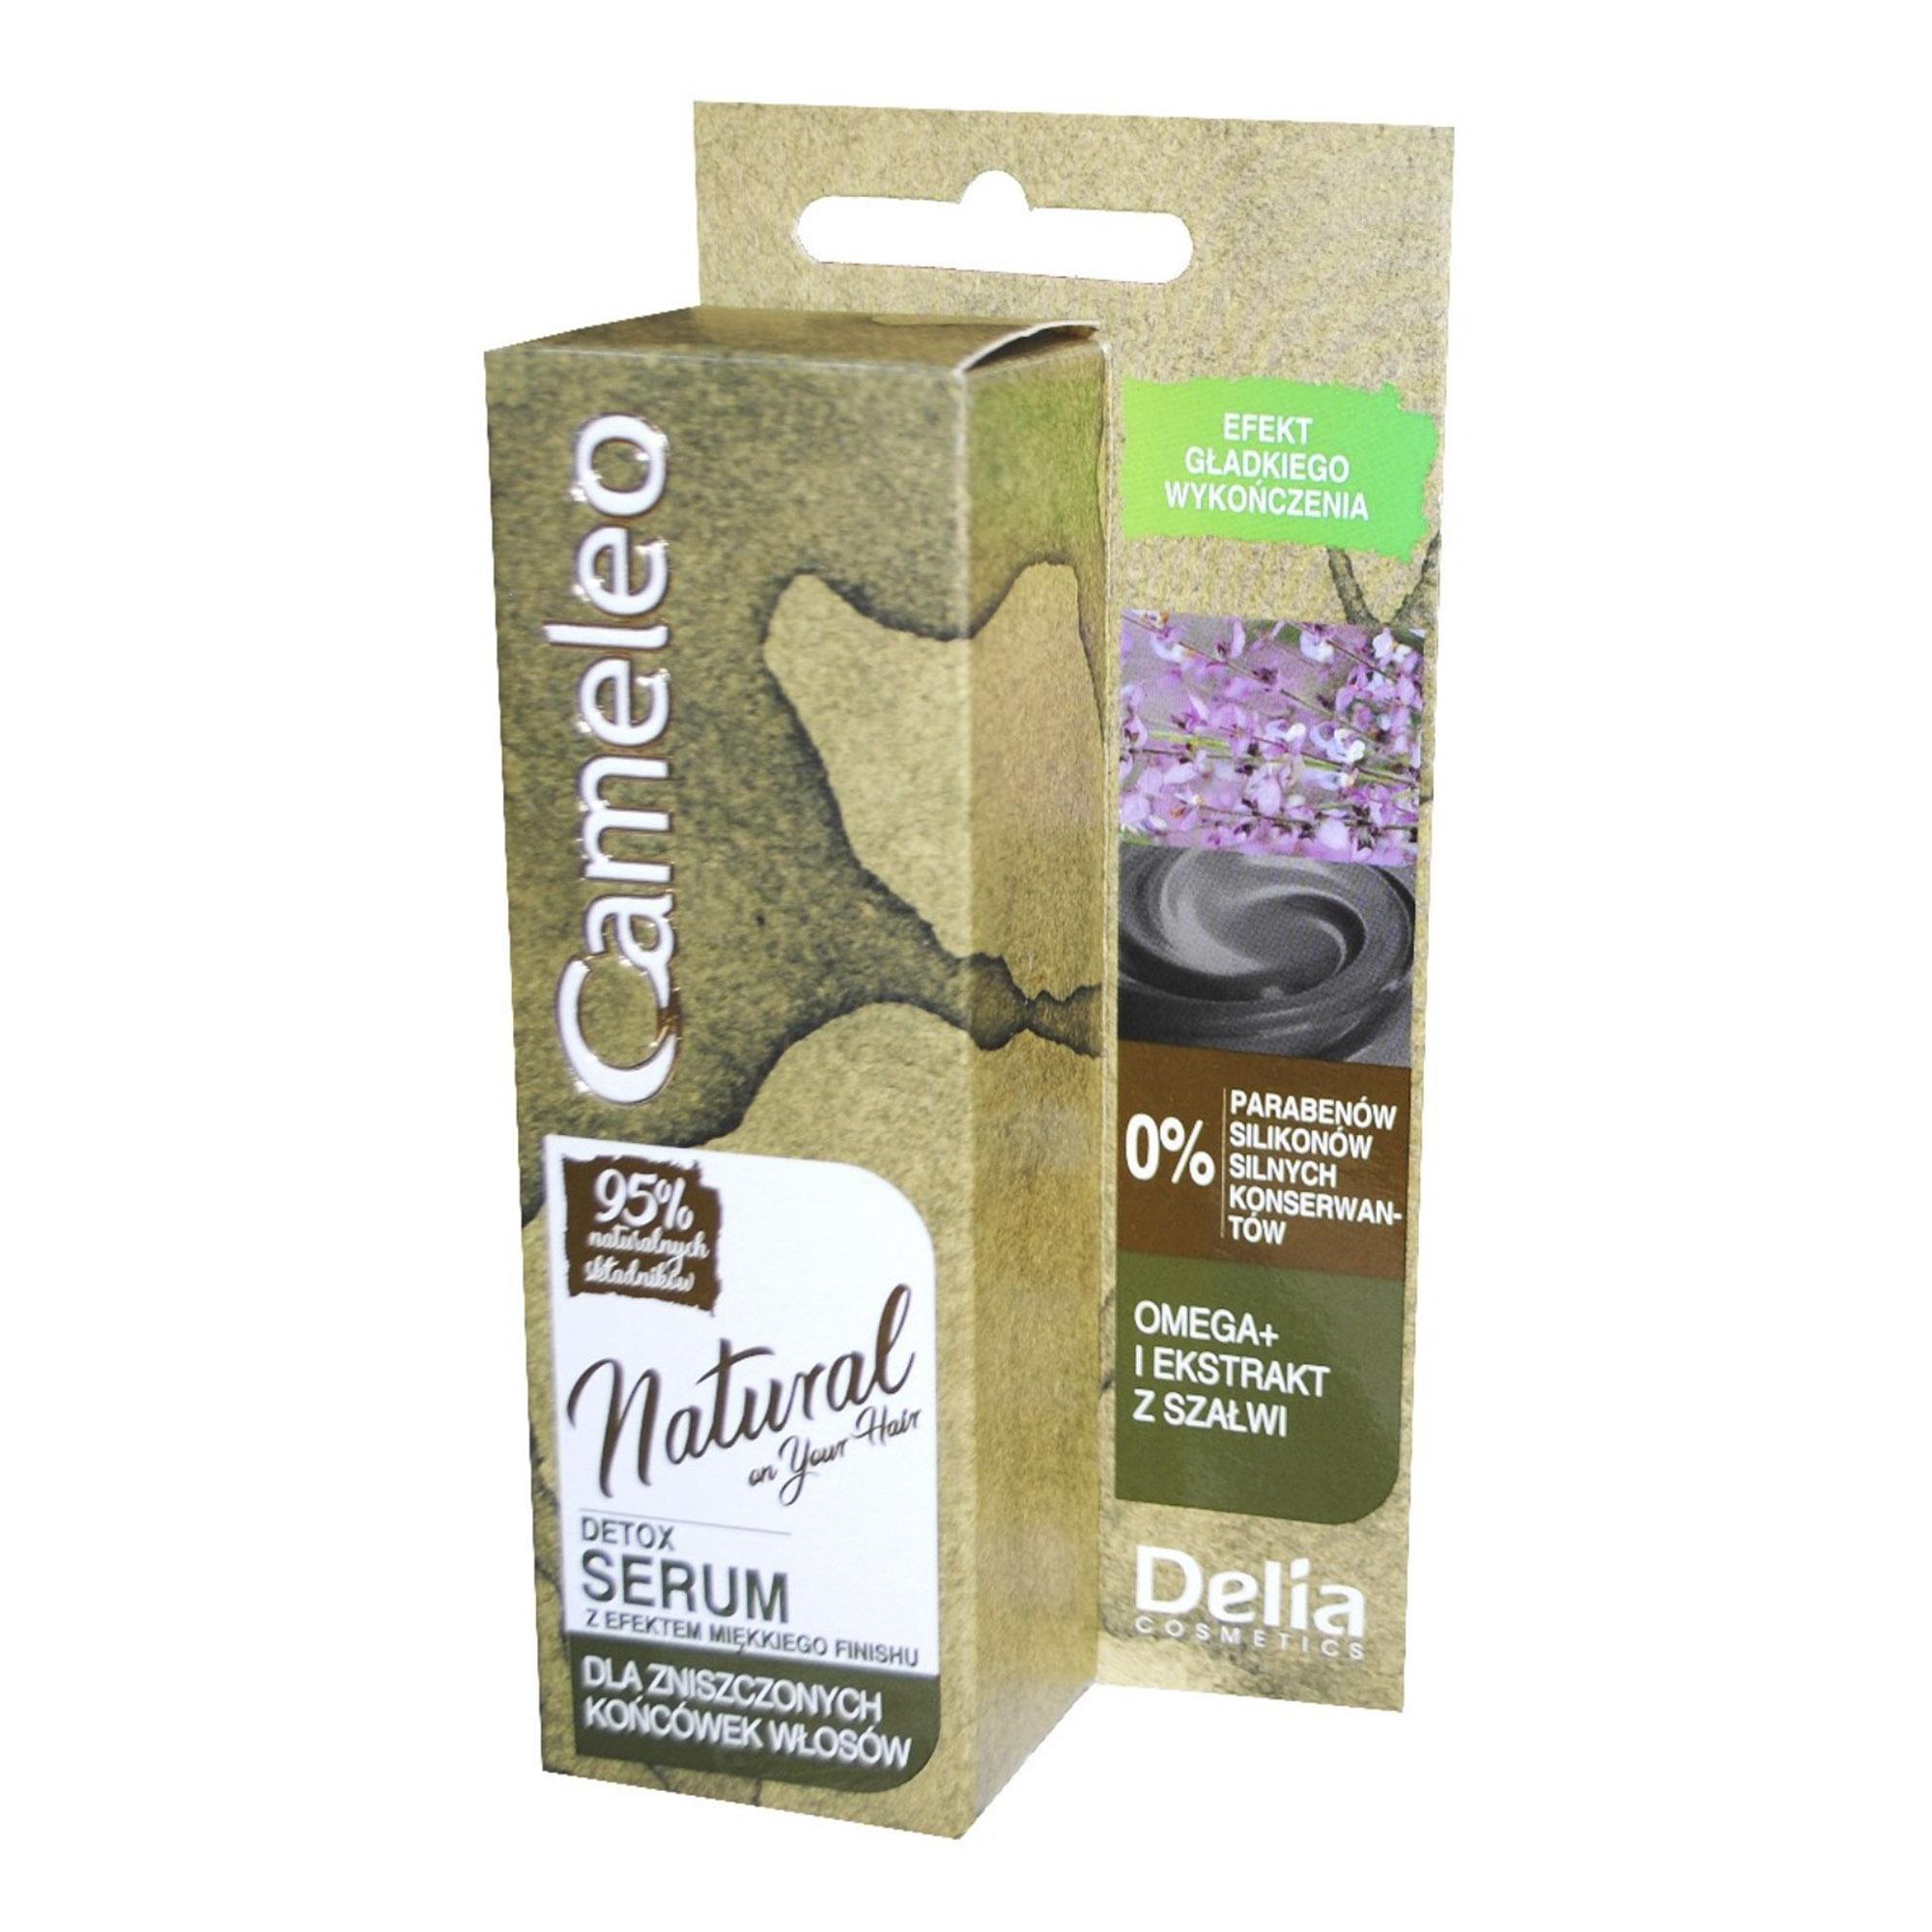 Сыворотка для волос Delia Cosmetics Cameleo Detox для кончиков 55 мл кератиновый кондиционер delia cosmetics cameleo вв объем волос 200 мл